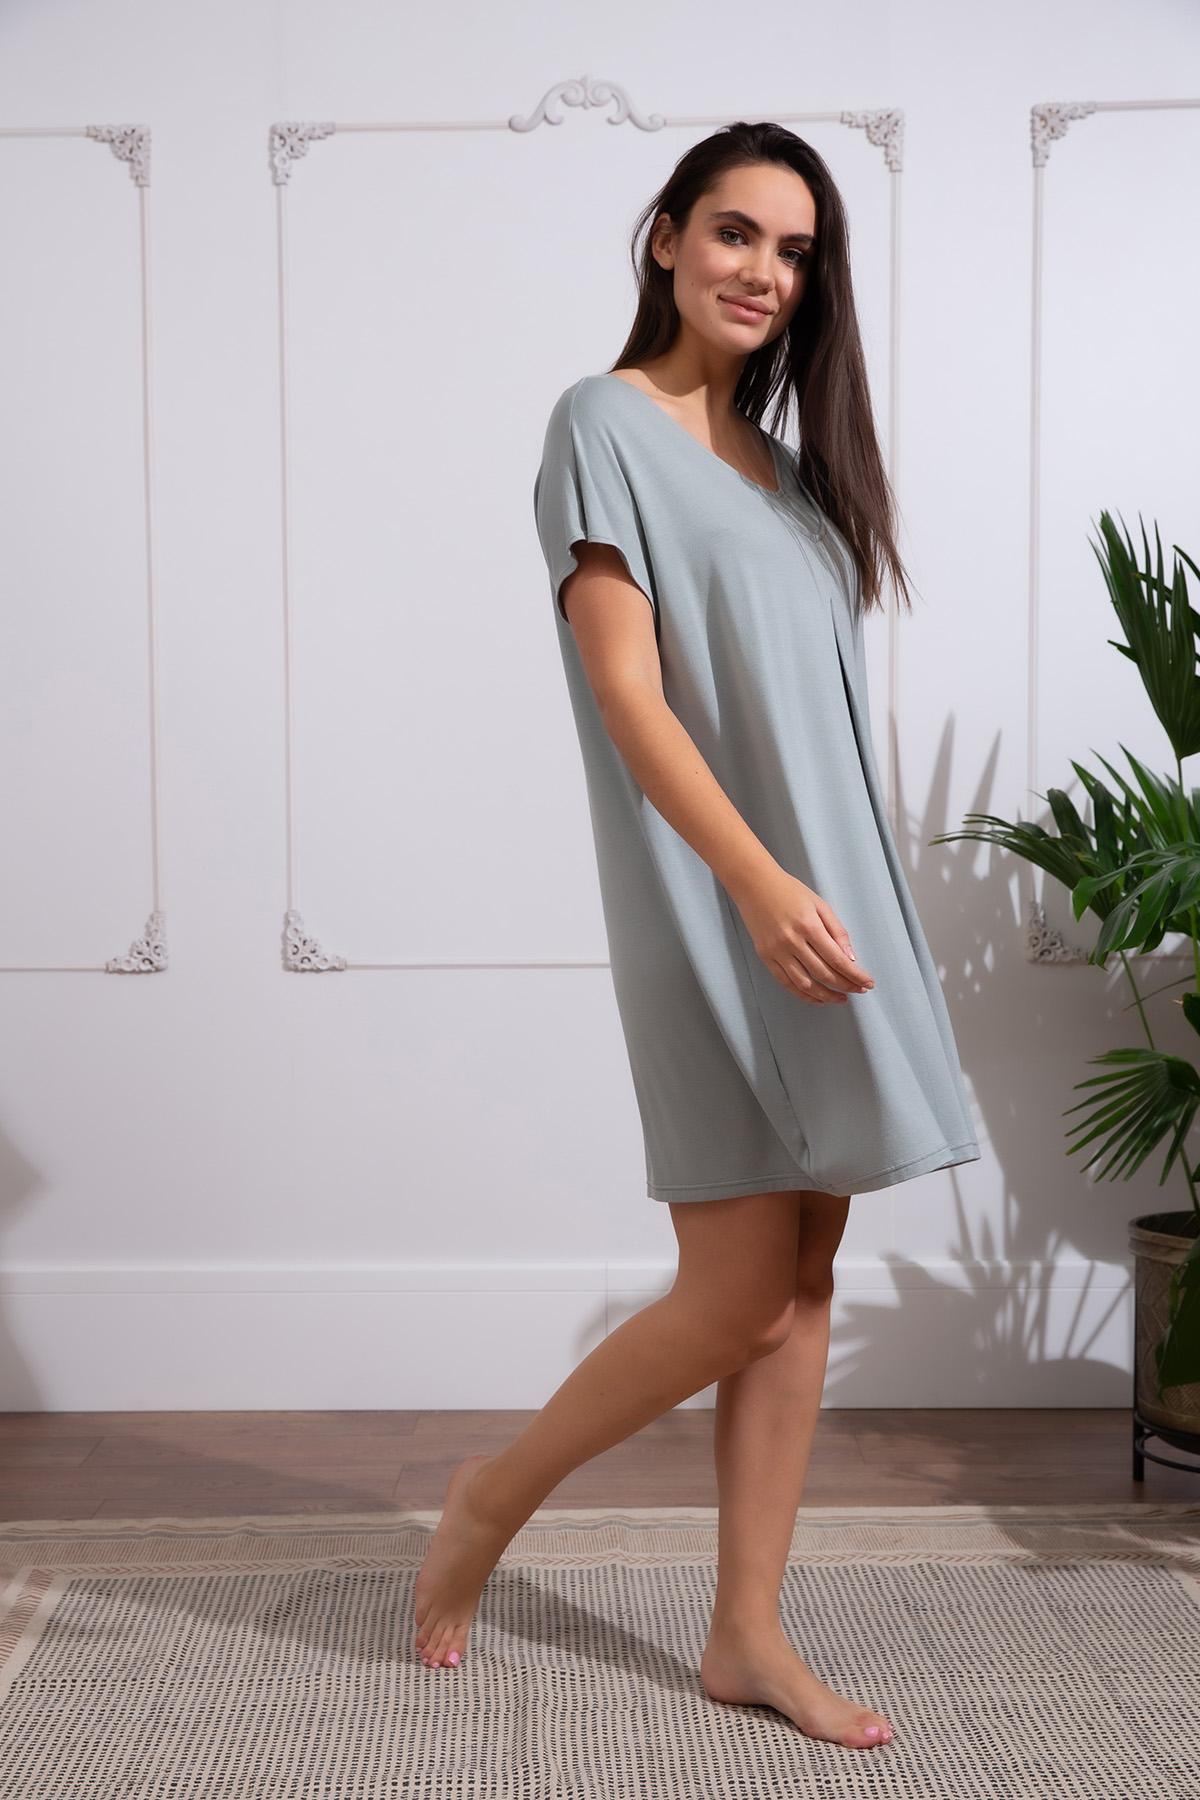 Hays Kadın Lohusa Kısa Kollu Elbise